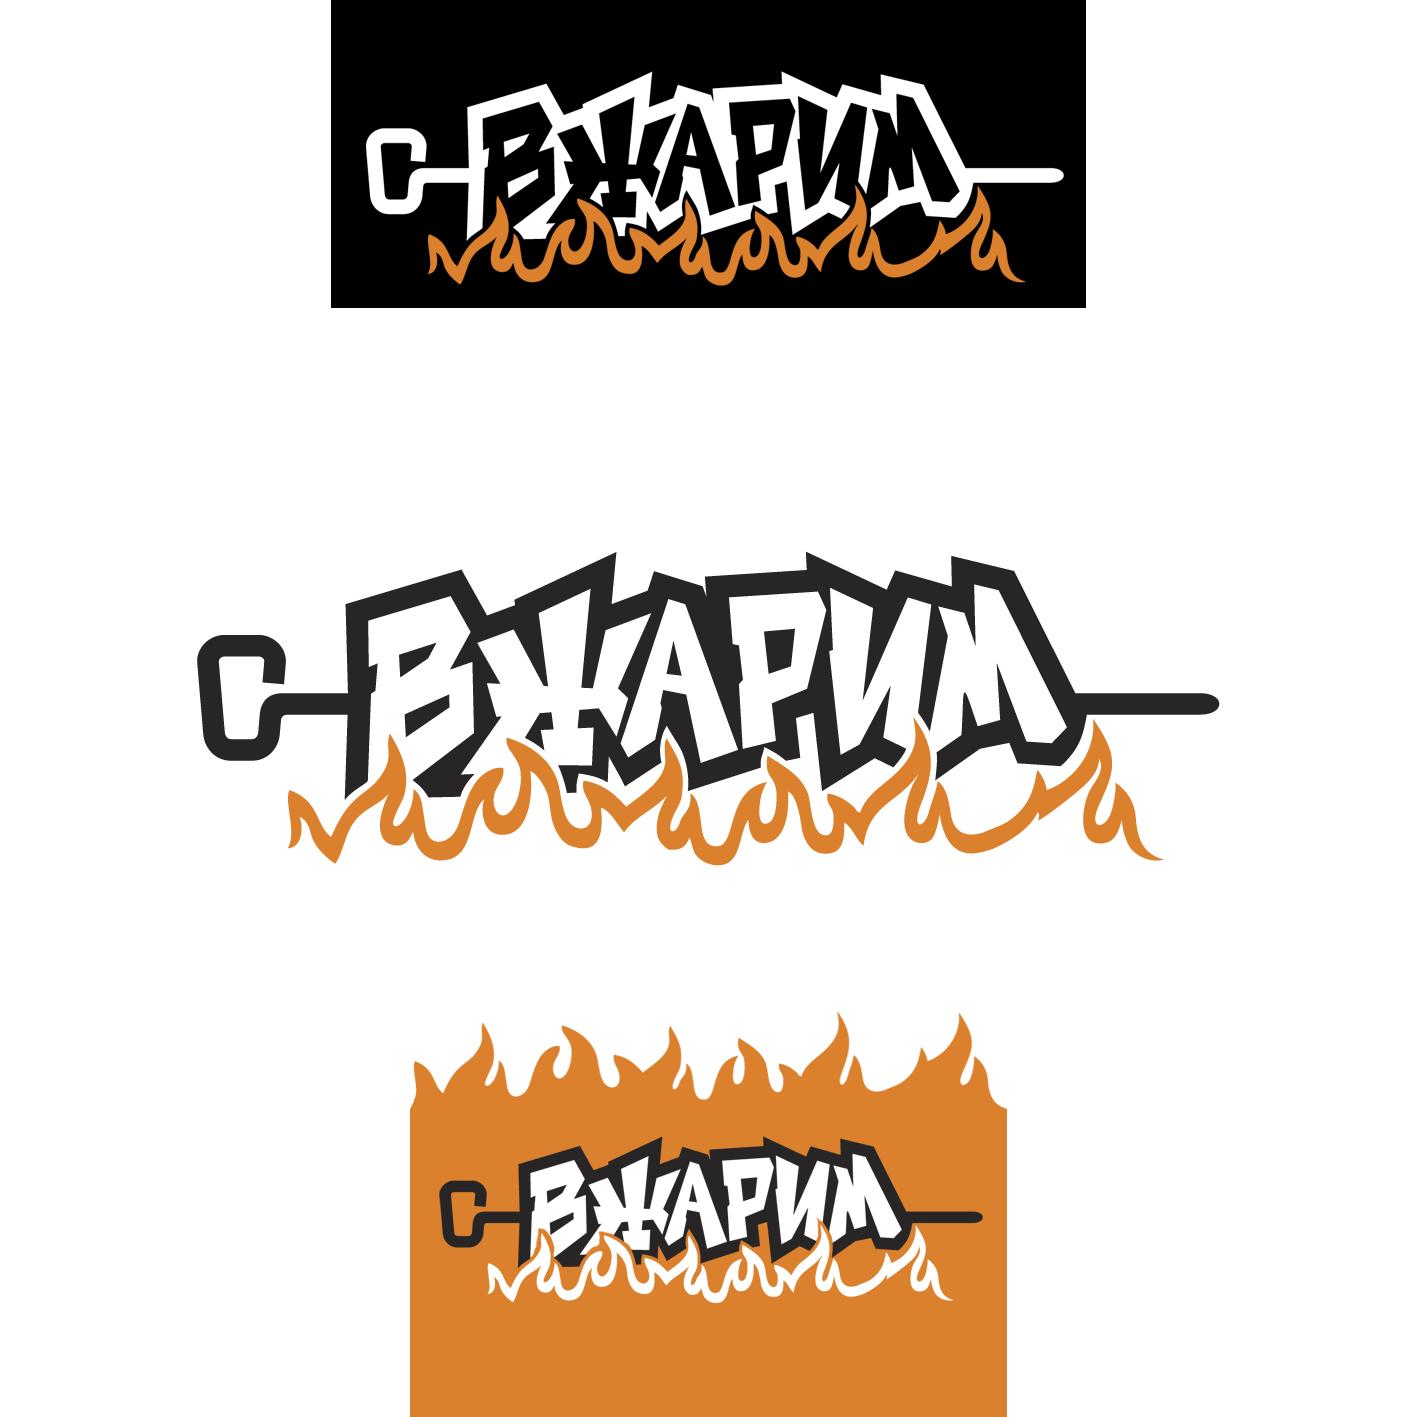 Требуется, разработка логотипа для крафт-кафе «ВЖАРИМ». фото f_7676009d95c32e60.png